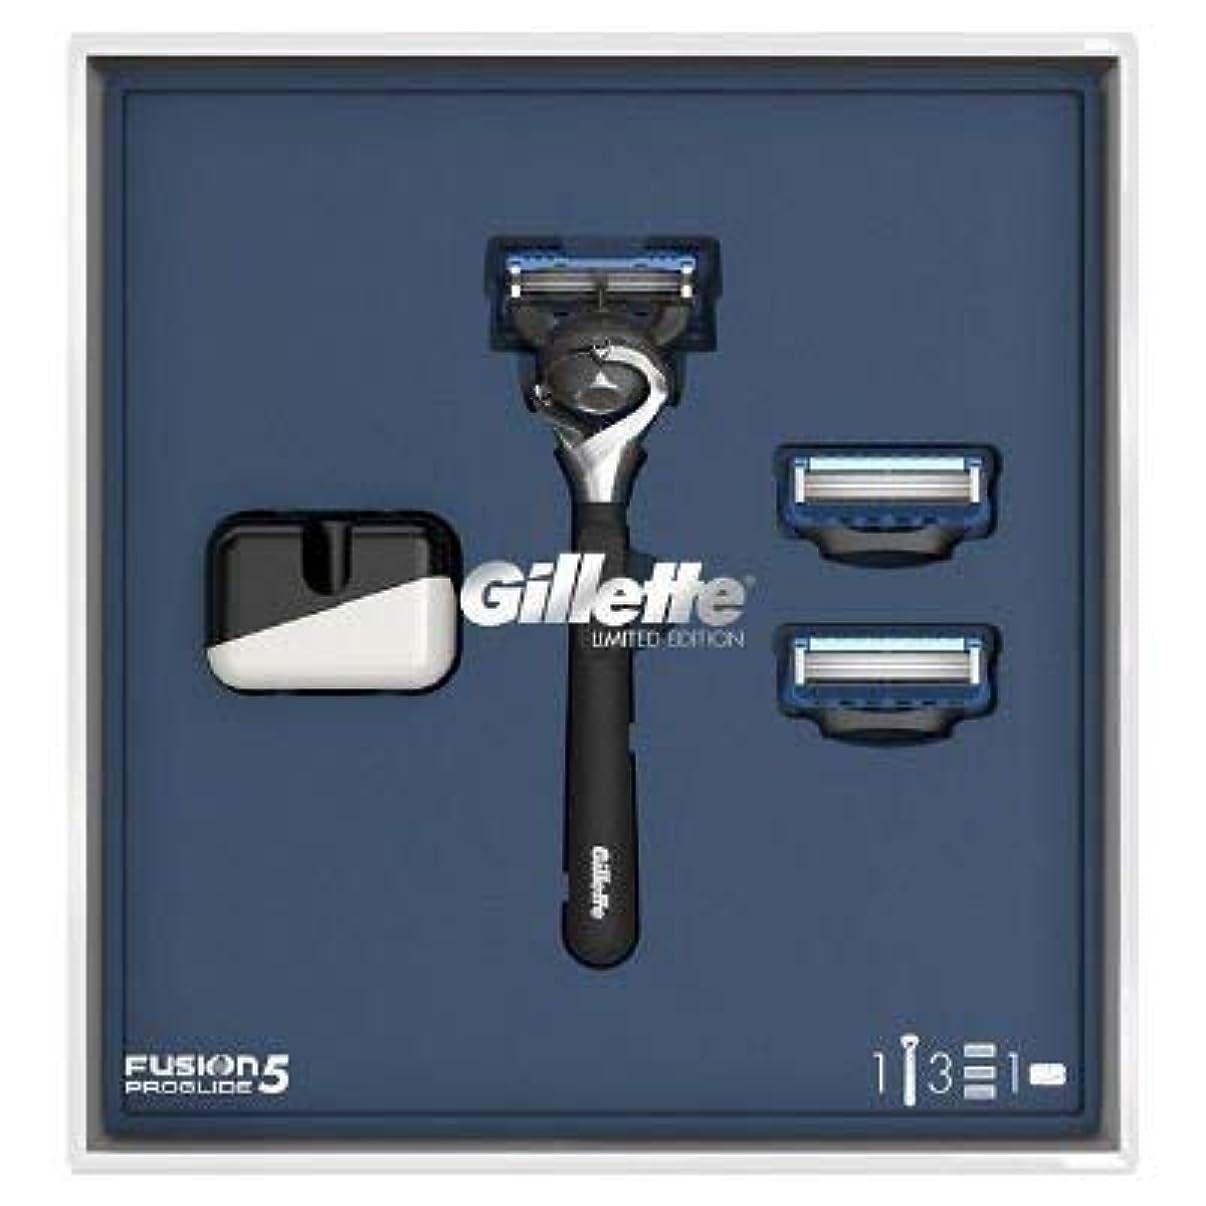 原稿抑圧カーペット(ジレット)Gilette プログライド 髭剃り本体+替刃3個 オリジナルスタンド付き スペシャルパッケージ P&G